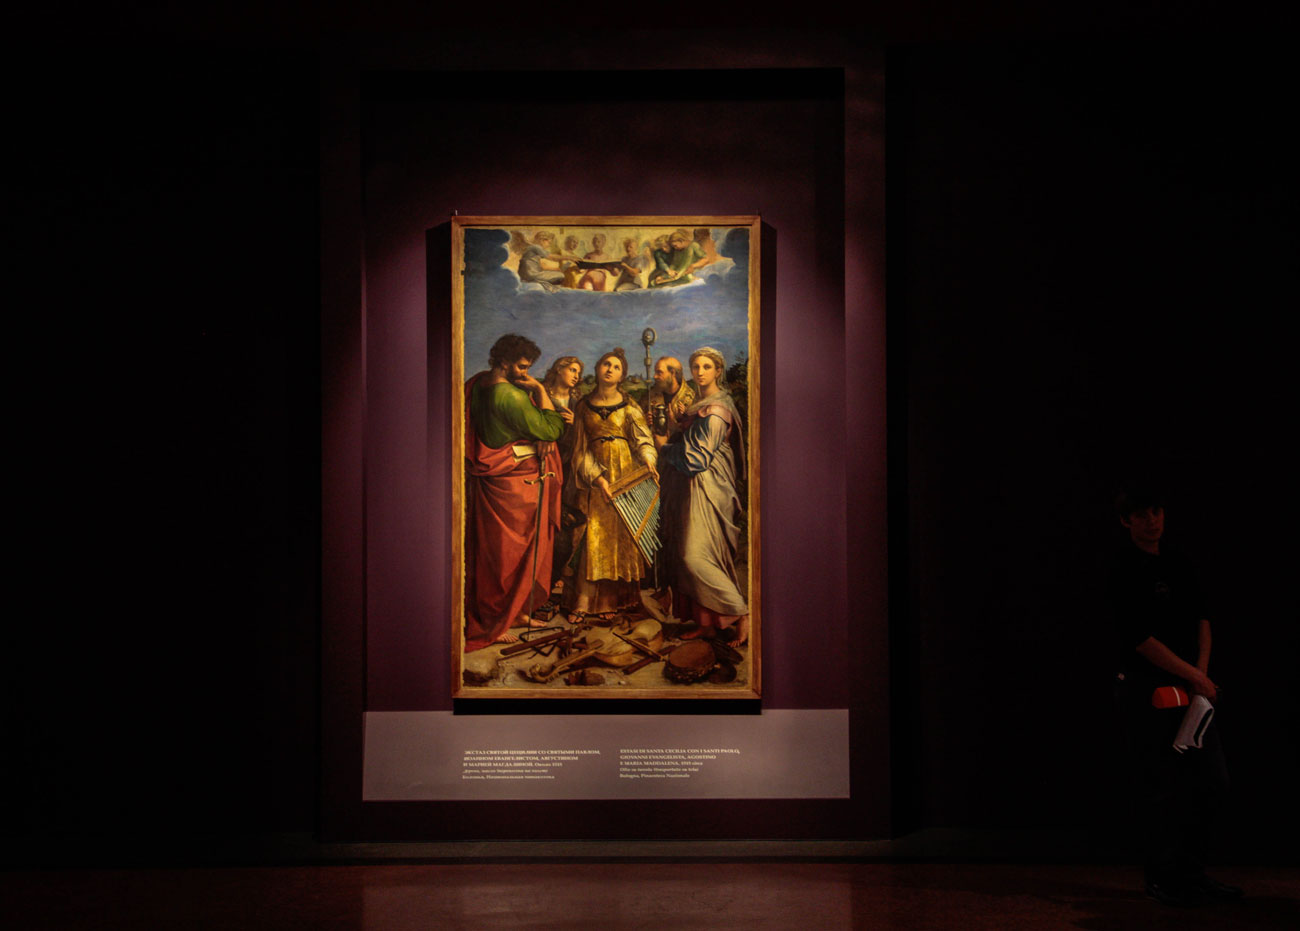 I curatori della mostra sono Viktoria Markova, rappresentante del museo Pushkin, e Marzia Faietti, degli Uffizi